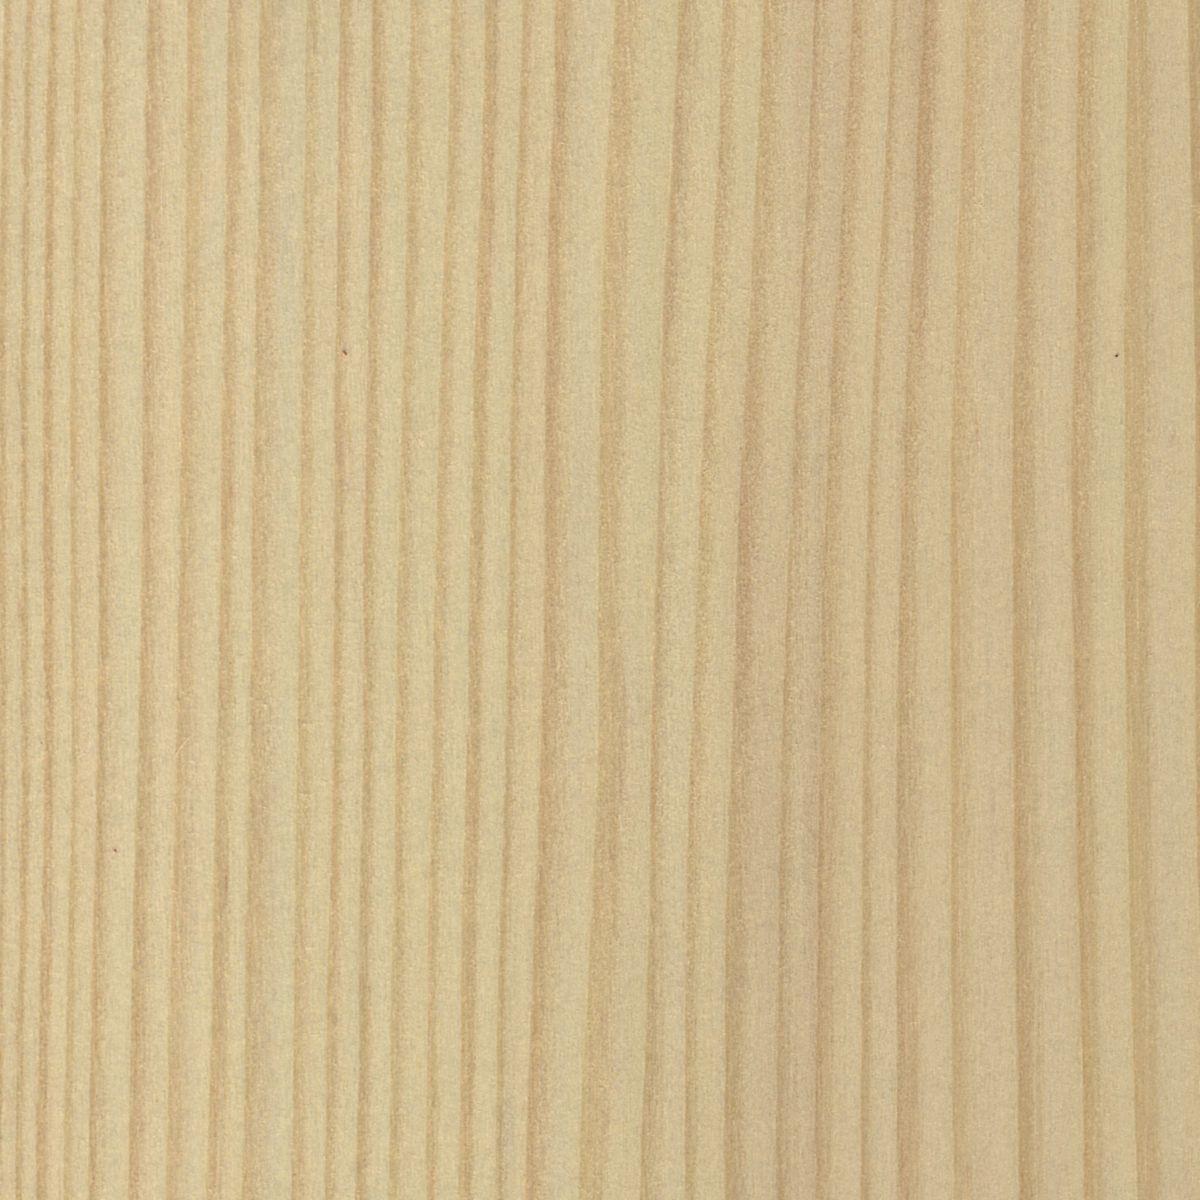 g nial decoration interieur avec lames de volets bois prix decoration interieur avec fenetre. Black Bedroom Furniture Sets. Home Design Ideas